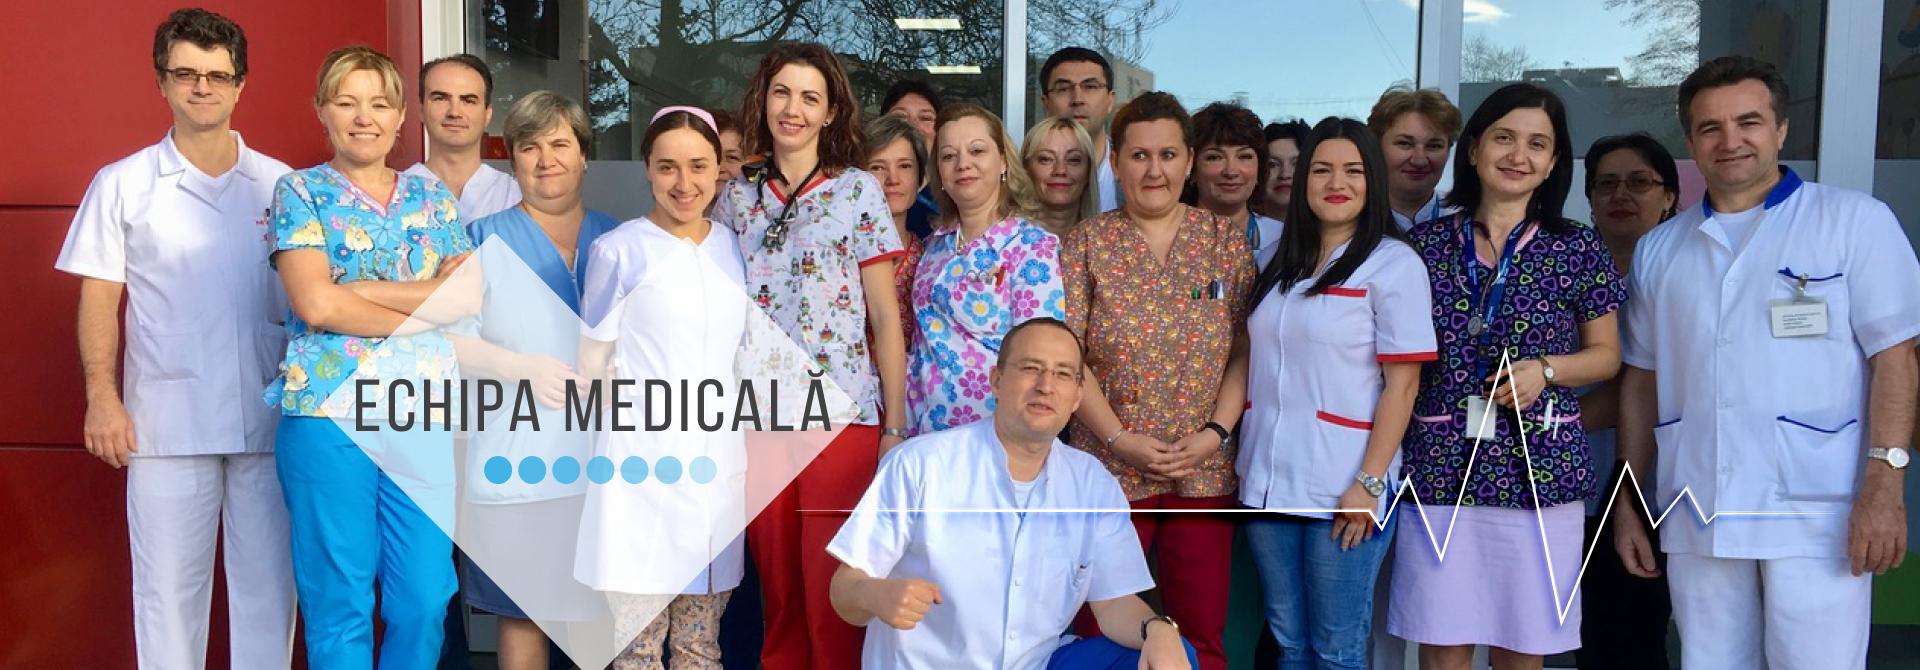 Echipa Medicala Pediatrica